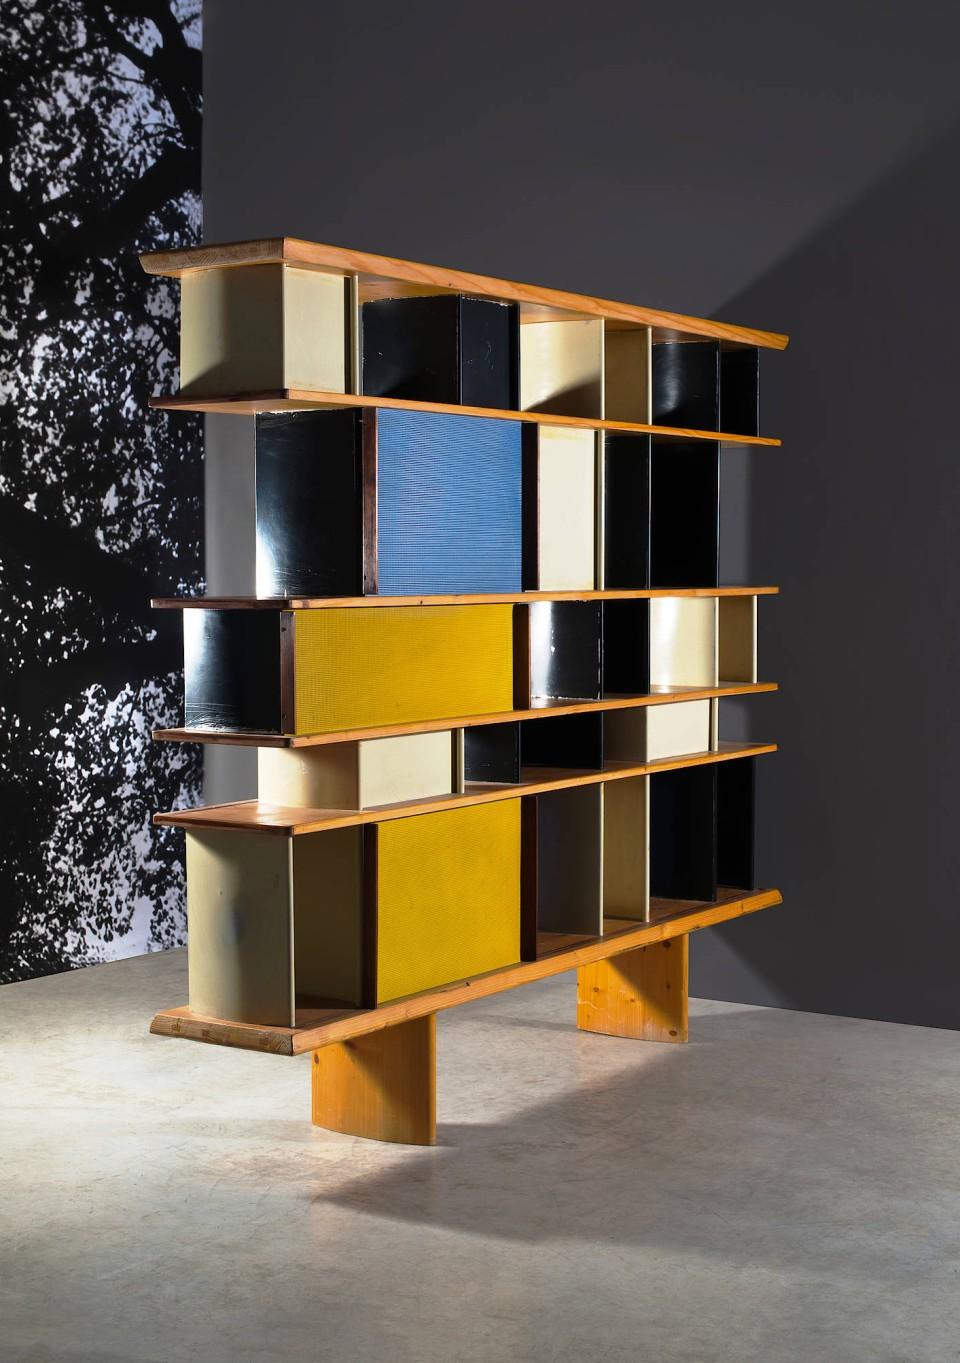 """Studentischer Raumteiler: Das Bücherregal, das Charlotte Perriand 1952 für das Pariser Studentenwohnheim """"Maison du Mexique"""" entworfen hat, war einst fest im Boden der Zimmer einbetoniert."""